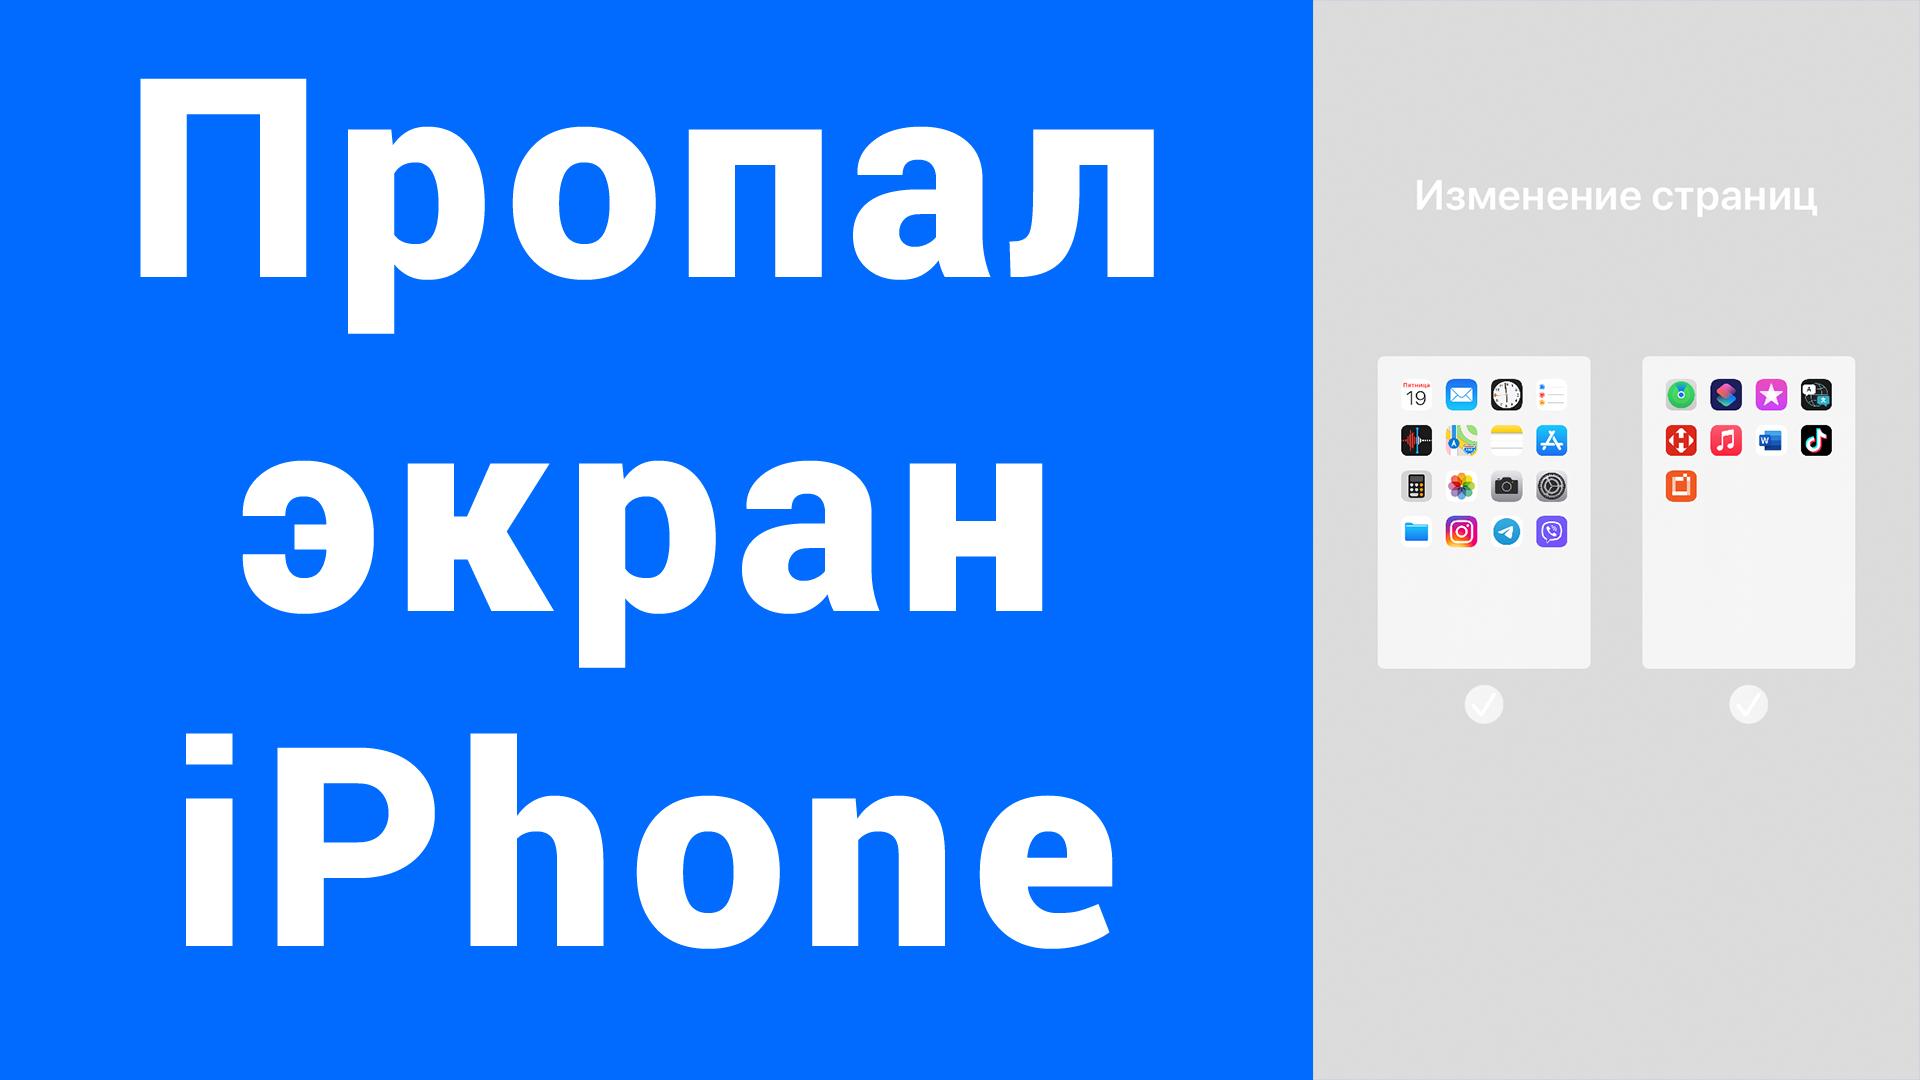 Пропал экран (рабочий стол) с приложениями на iPhone на экране Домой